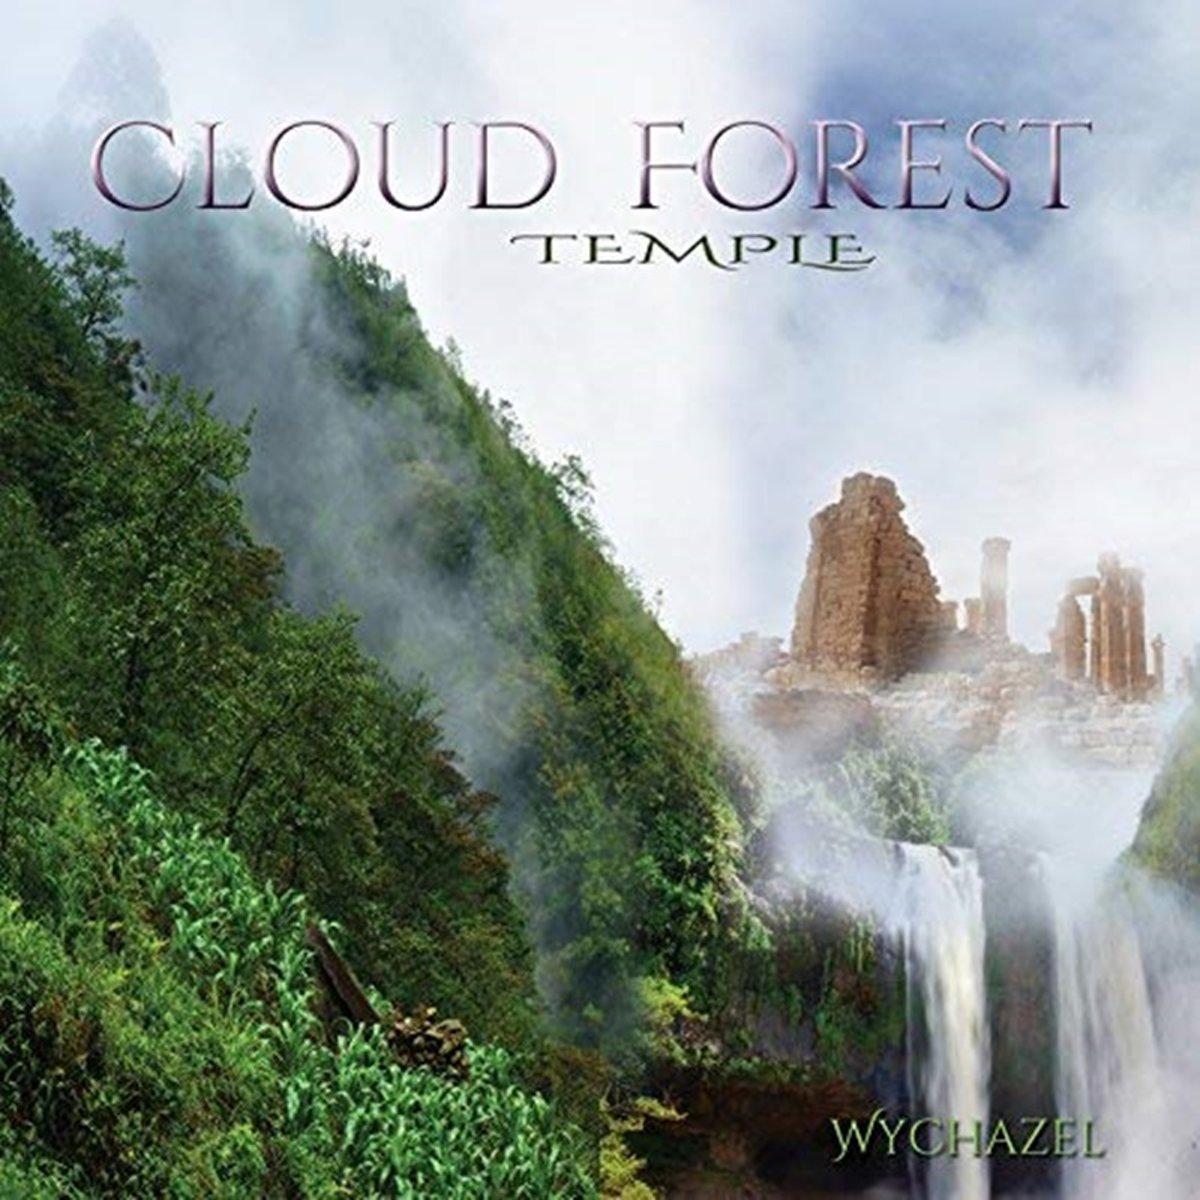 Cloud Forest Temple kopen